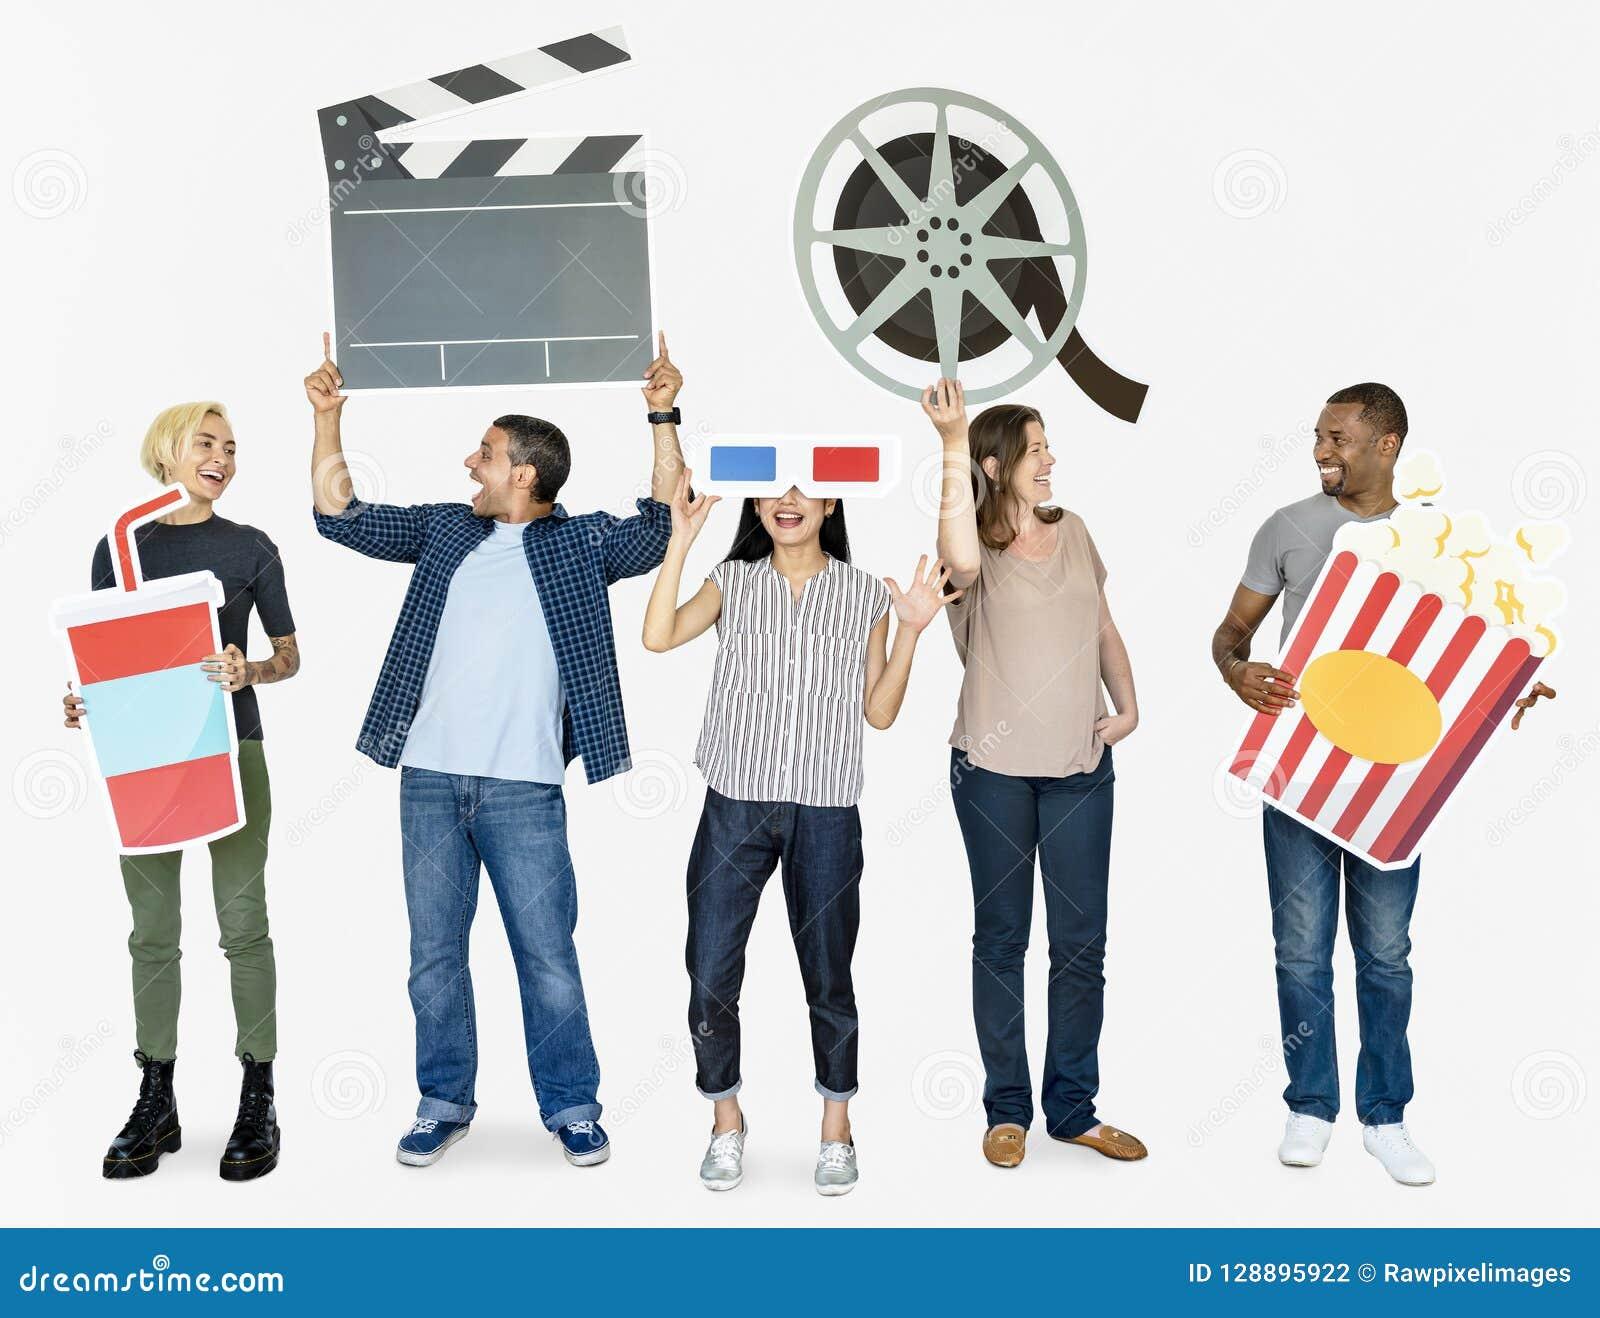 Ευτυχείς διαφορετικοί άνθρωποι που κρατούν τα εικονίδια κινηματογράφων